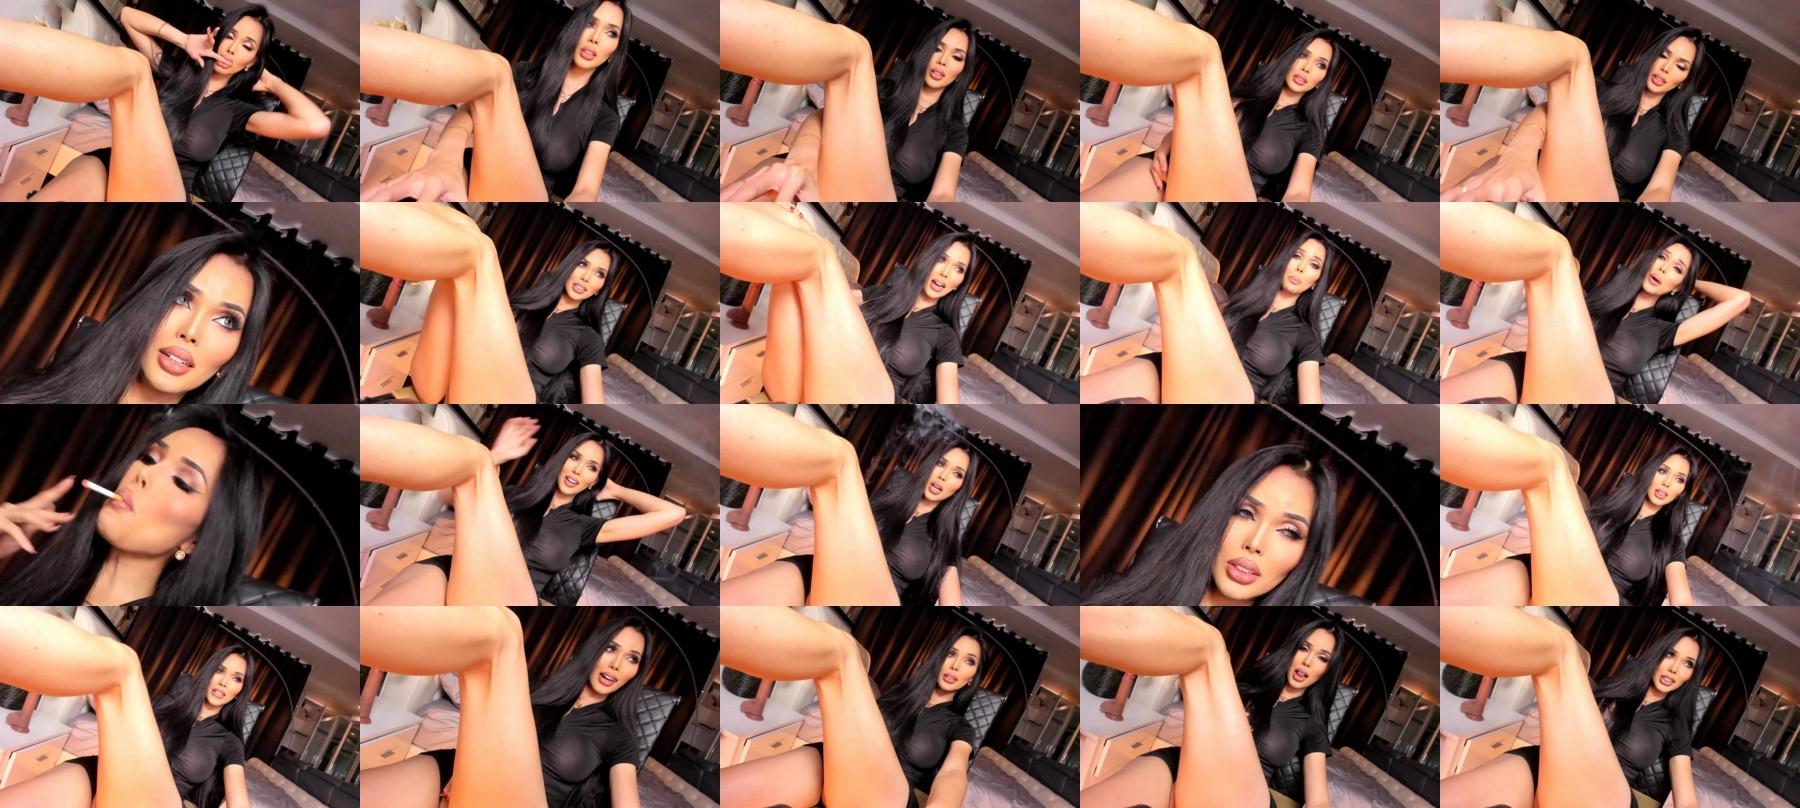 Tikolina Chaturbate 08-04-2021 Trans Naked